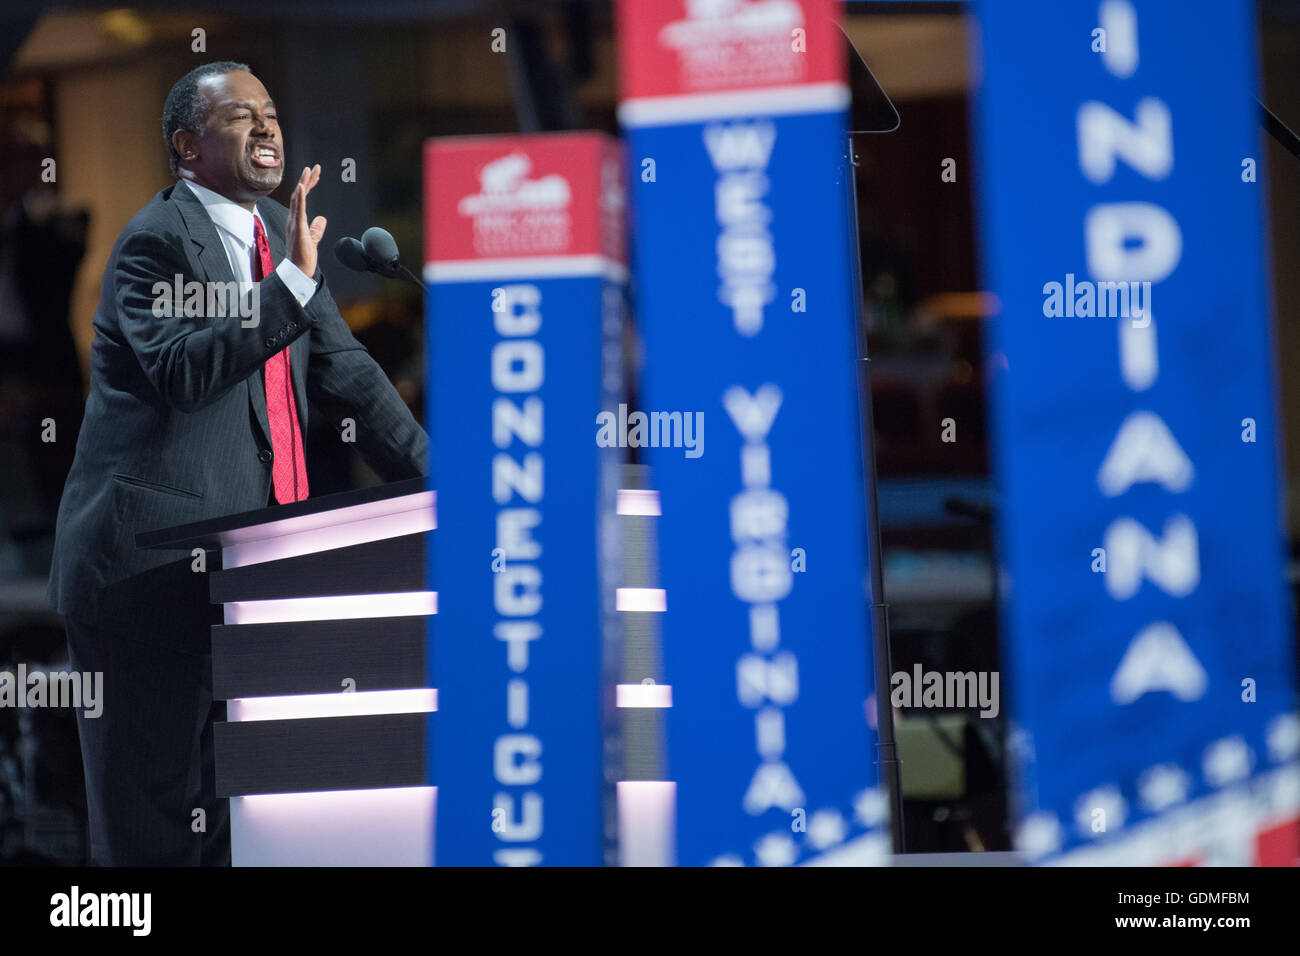 Cleveland, Ohio, USA . 19 juillet, 2016. Le Dr Ben Carson consacré au deuxième jour de la Convention nationale républicaine le 19 juillet 2016 à Cleveland, Ohio. Plus tôt dans la journée, les délégués ont officiellement soumis Donald J. Trump pour président. Credit: Planetpix/Alamy Live News Banque D'Images